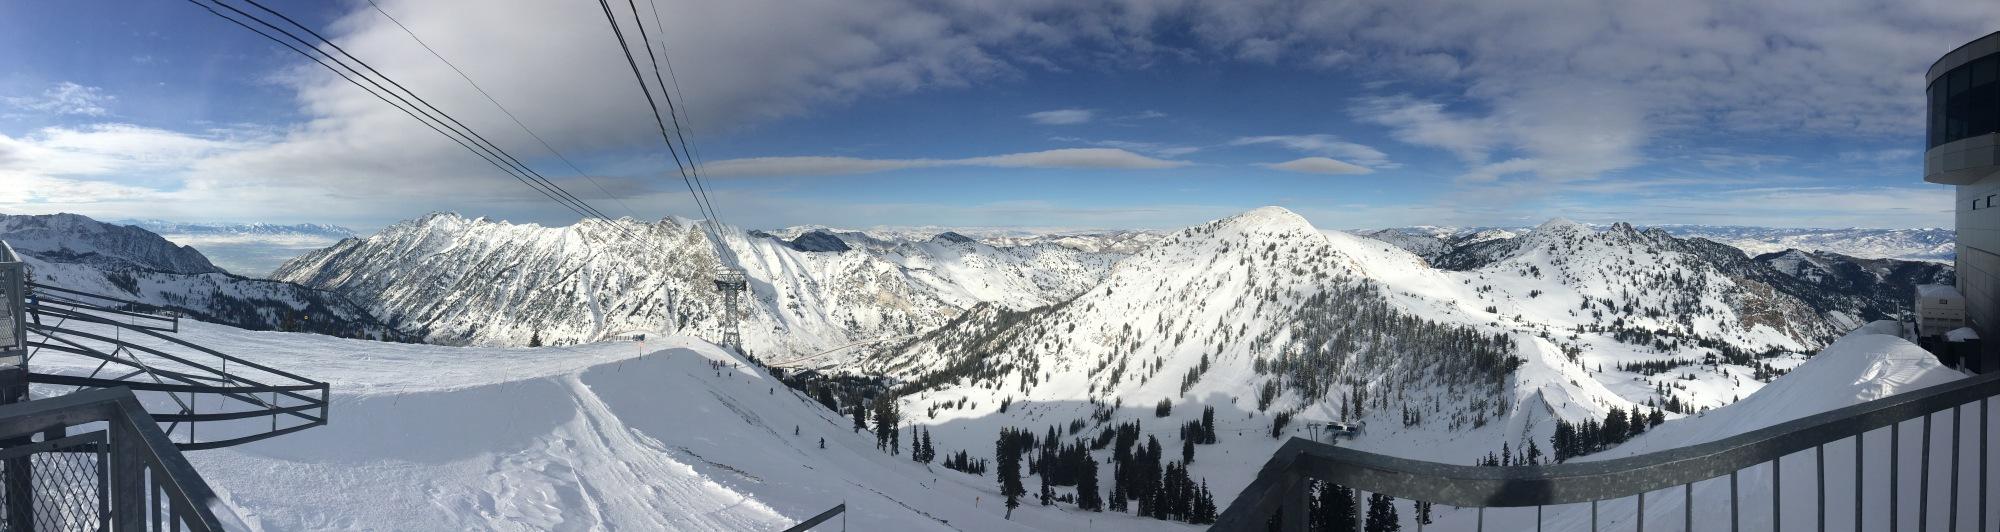 At the top of Hidden Peak, Snowbird, Utah